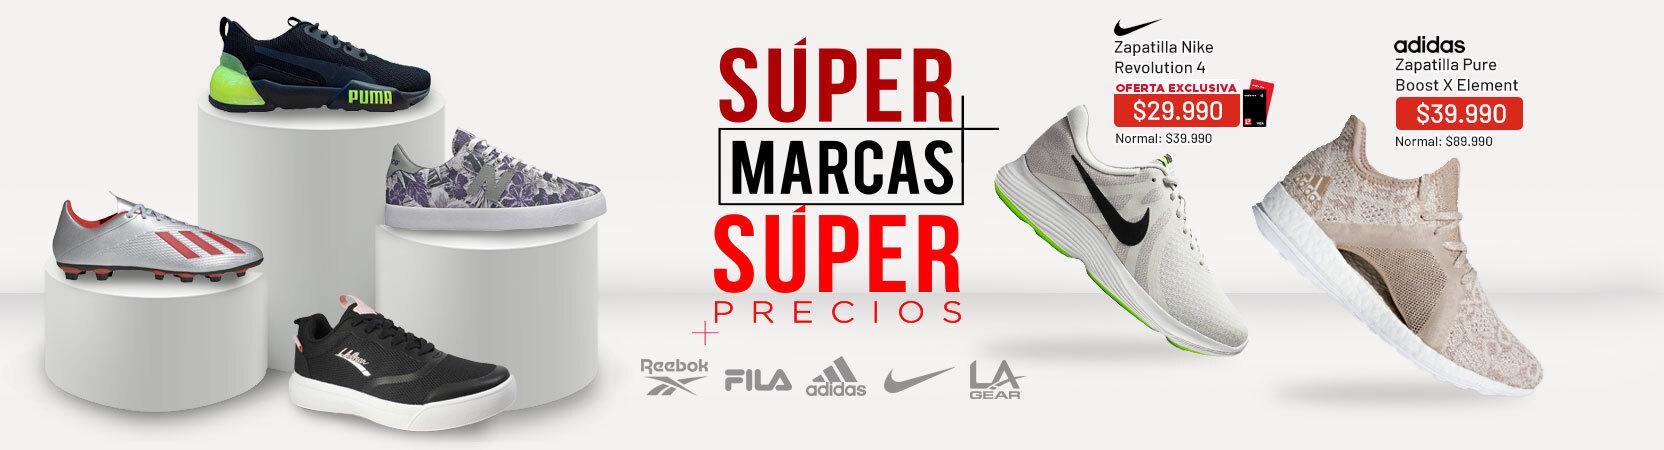 Supermarcas zapatillas